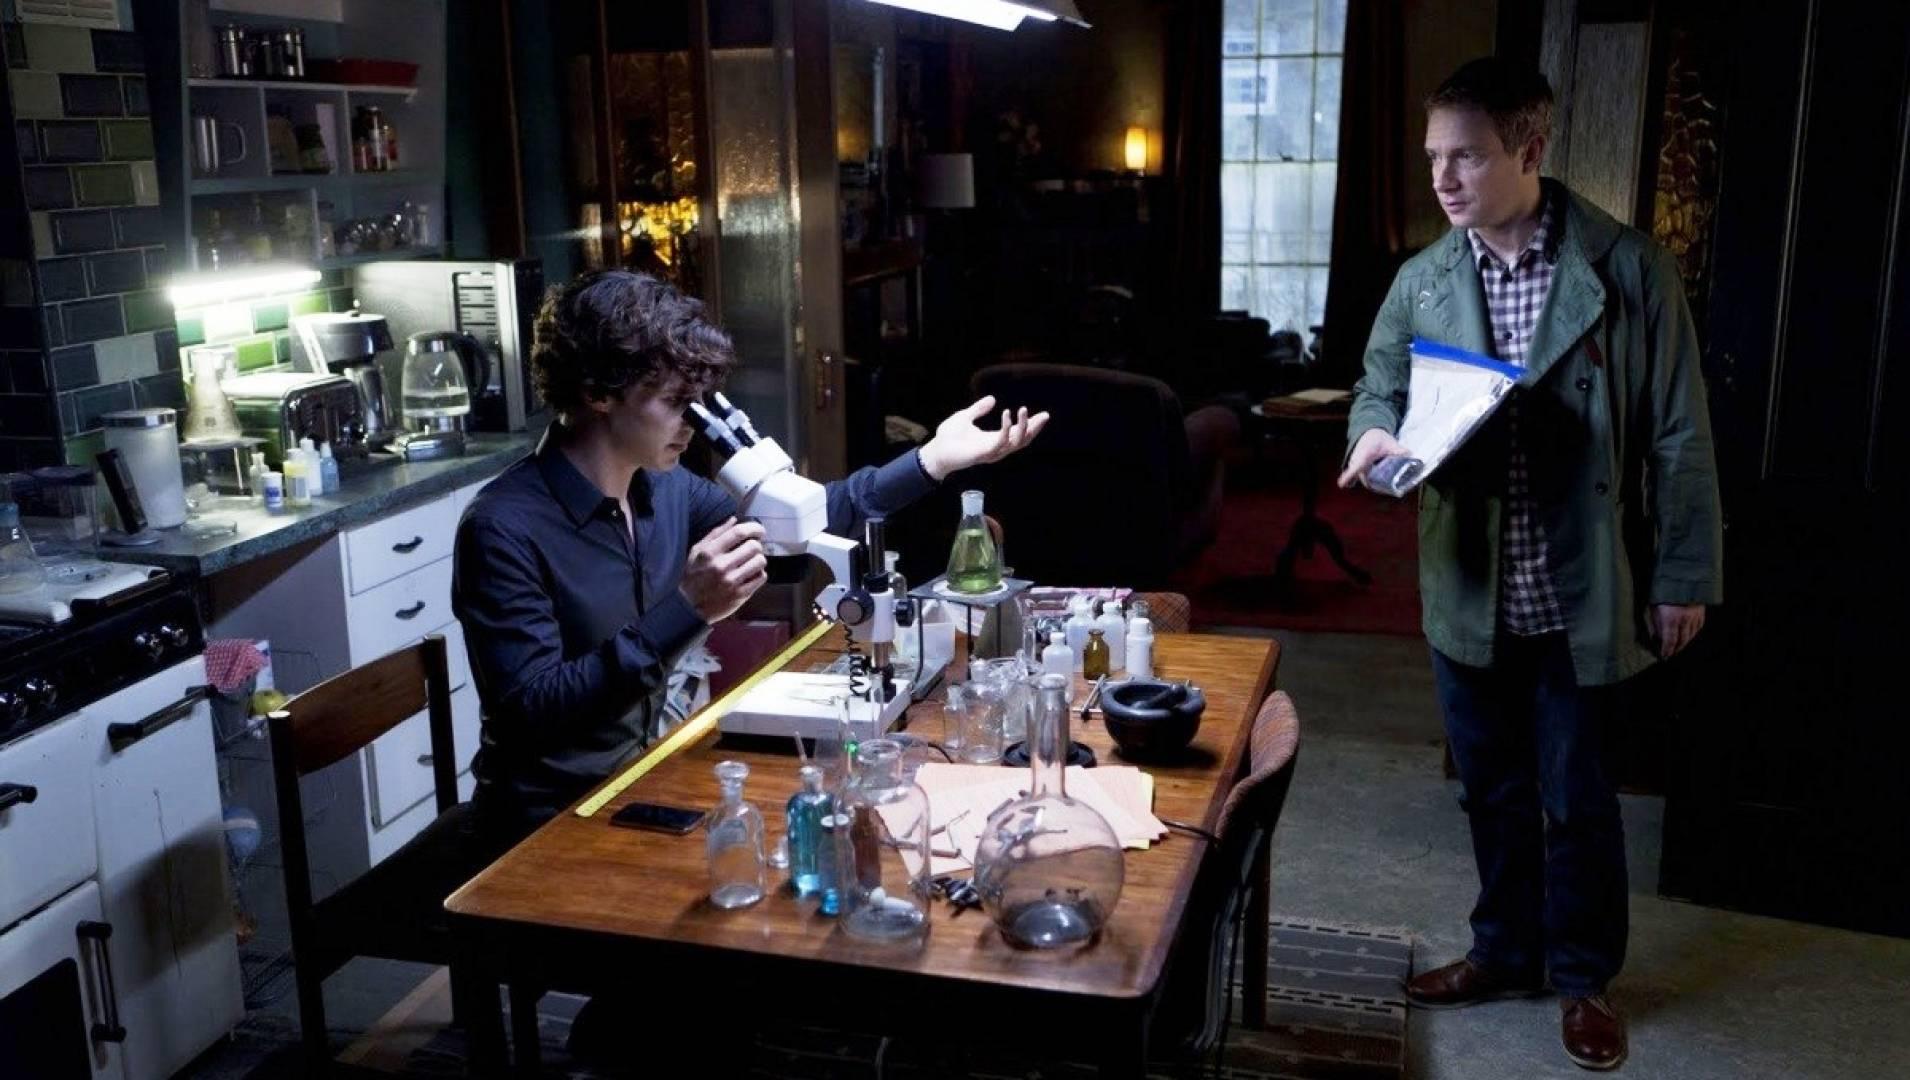 Шерлок Холмс: Рейхенбахский водопад - Детектив, Фильм